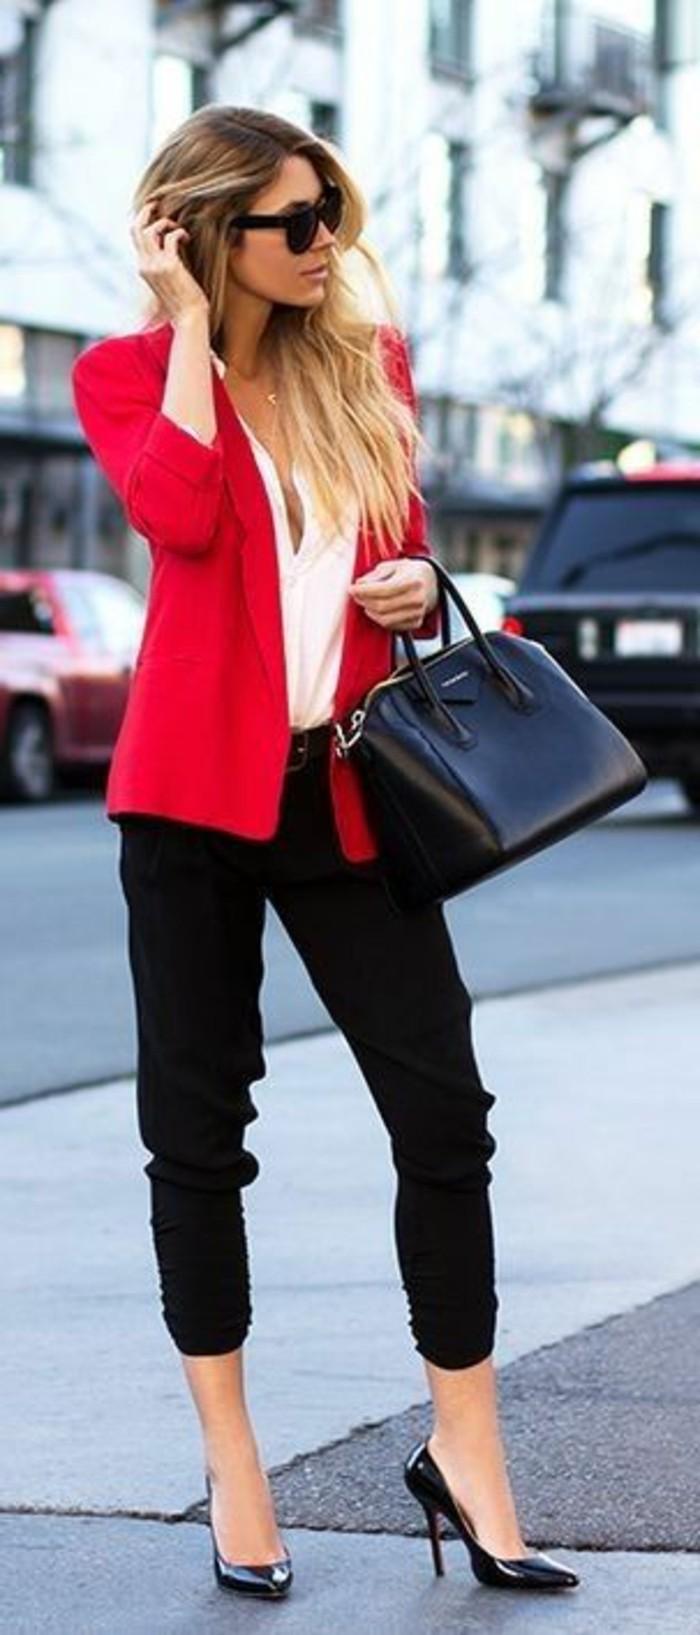 business-kleider-weises-hemd-rote-jacke-schwarze-hose-hohe-schwarze-schuhe-grose-schwarze-tasche-moderne-spnnenbrille